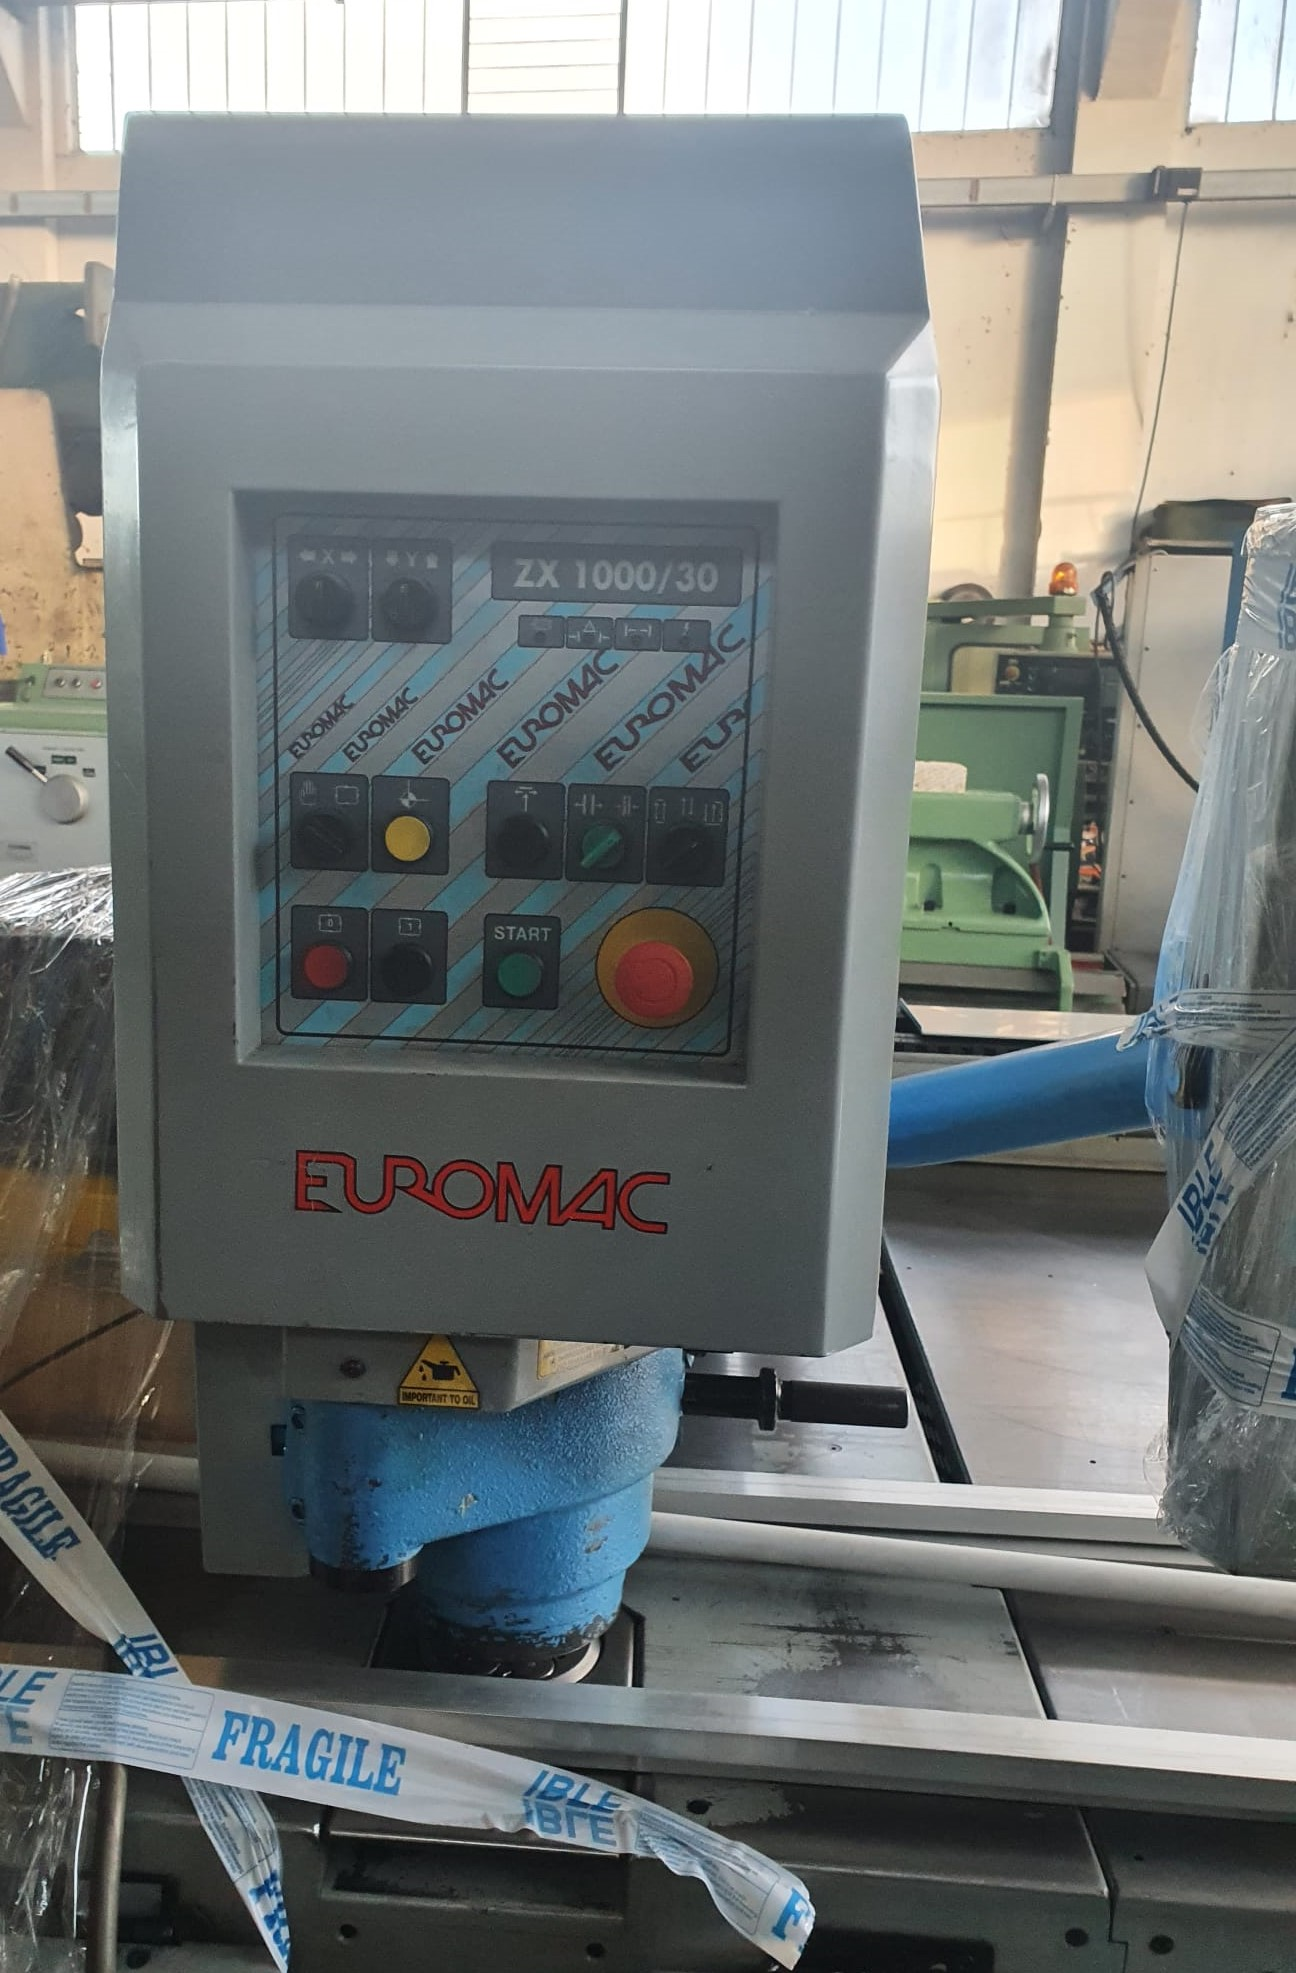 Punzonatrice CNC Euromac modello ZX 1000/30 in vendita - foto 2